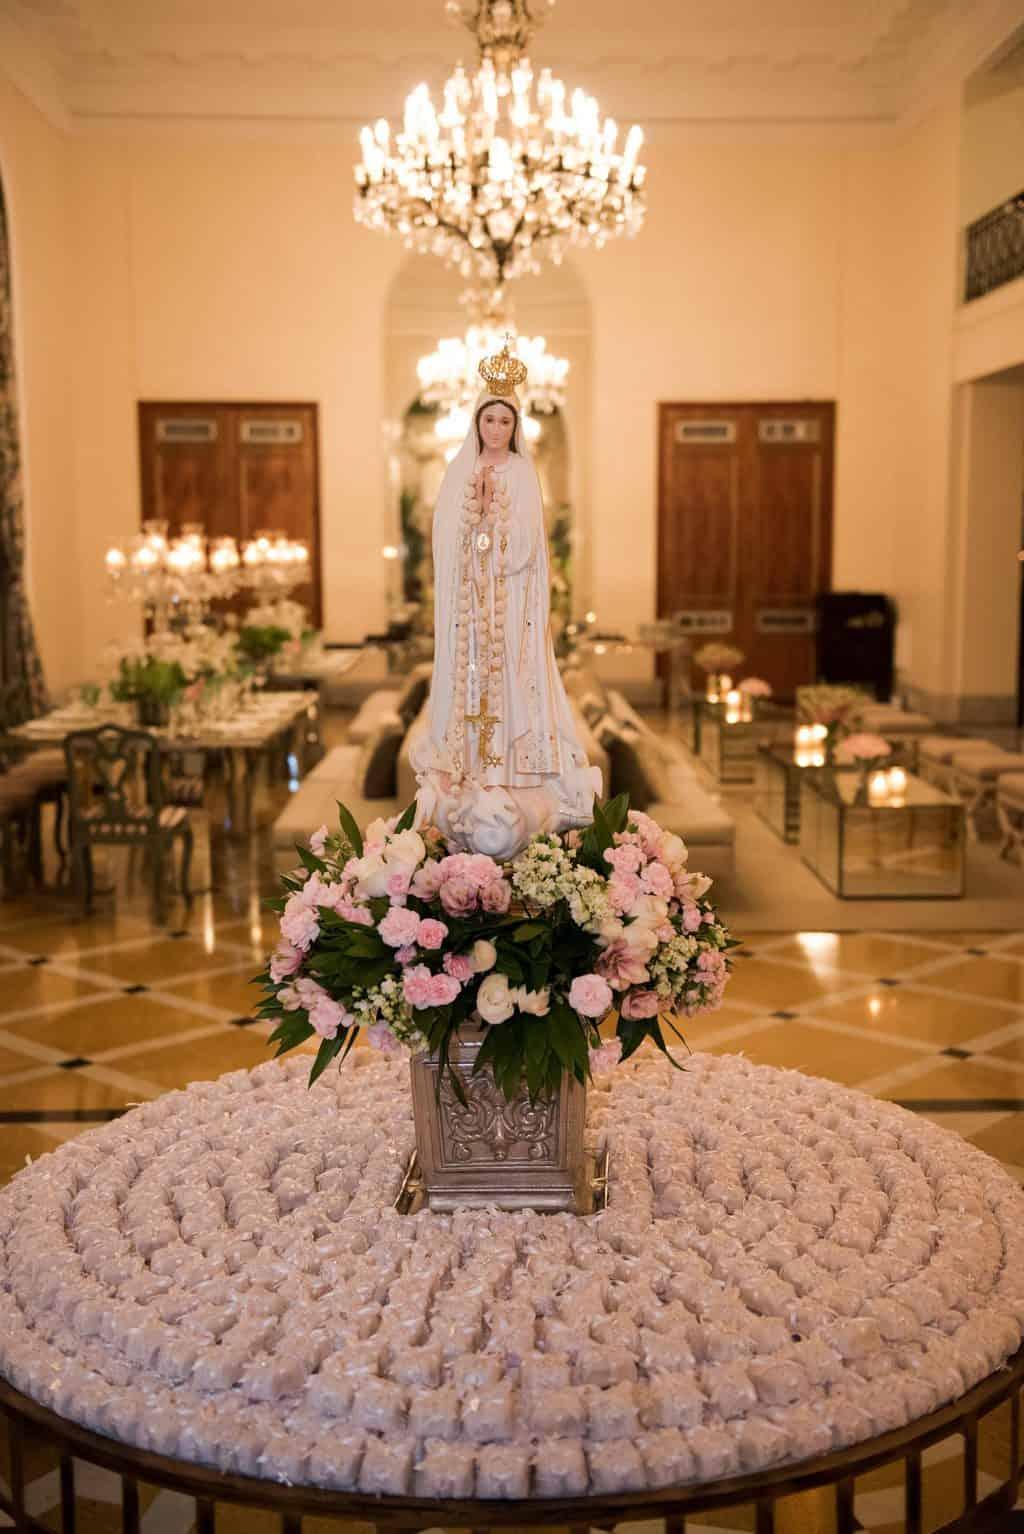 Casamento-Clássico-Copacabana-Palace-Fotografia-Larissa-e-Jorge-Ribas-Monica-Roias-Paula-Rocha-Ribas-Foto-e-Vídeo-CaseMe-11